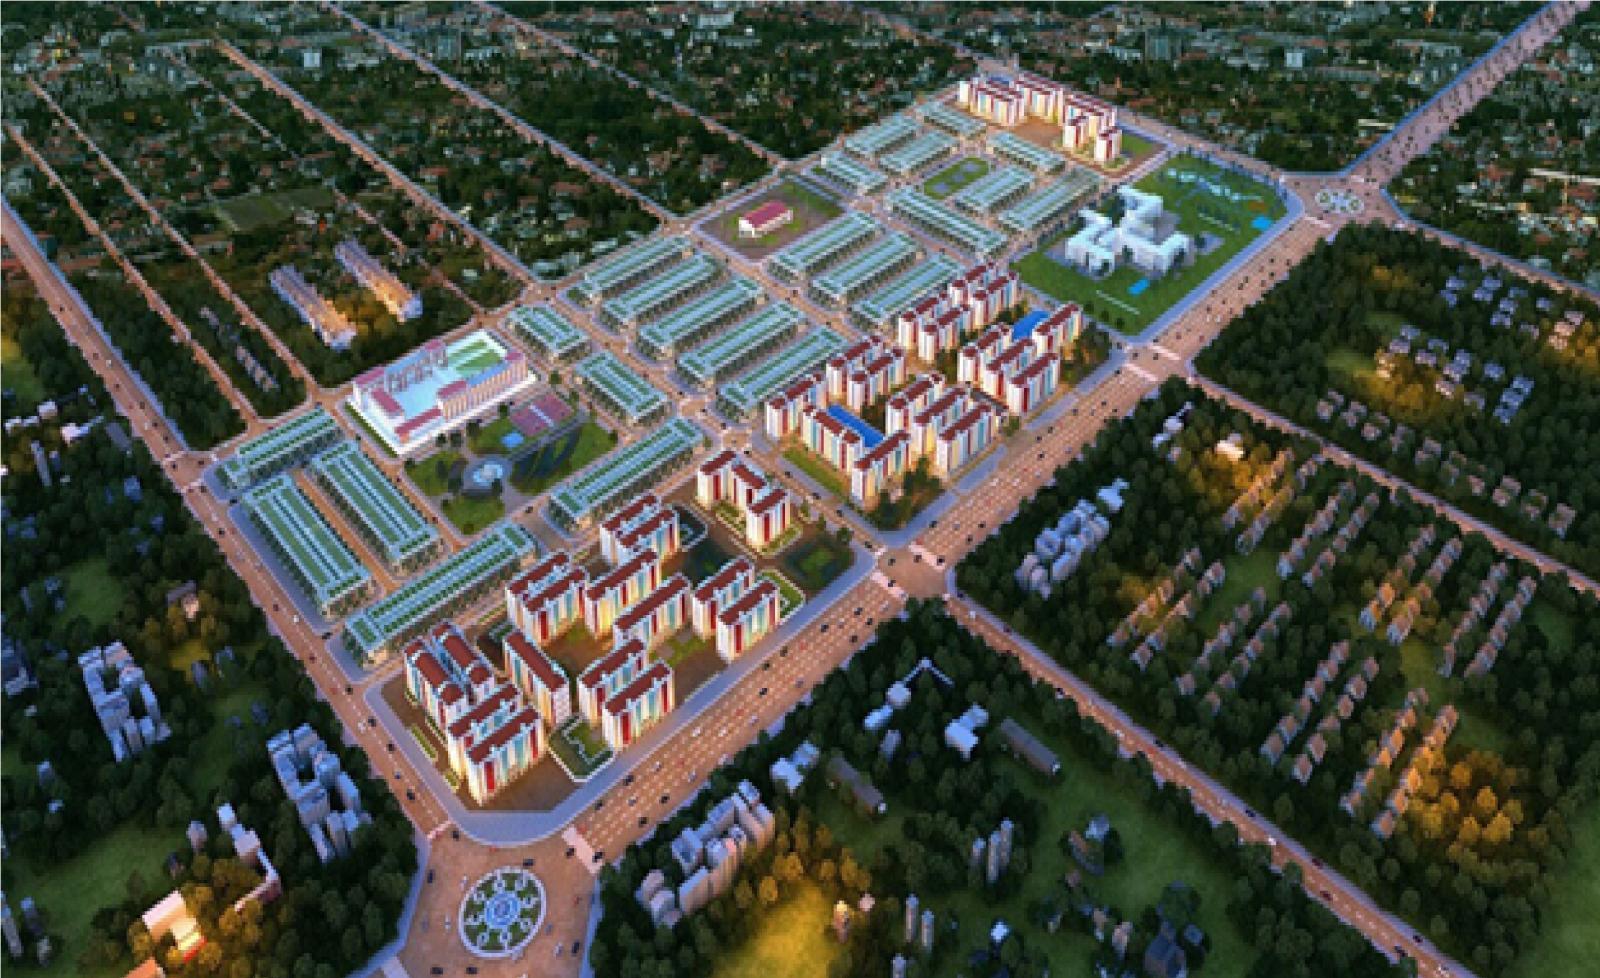 Phối cảnh dự án bất động sản nằm trong khu dân cư đông đúc với các tuyến đường lớn và nhiều cây xanh